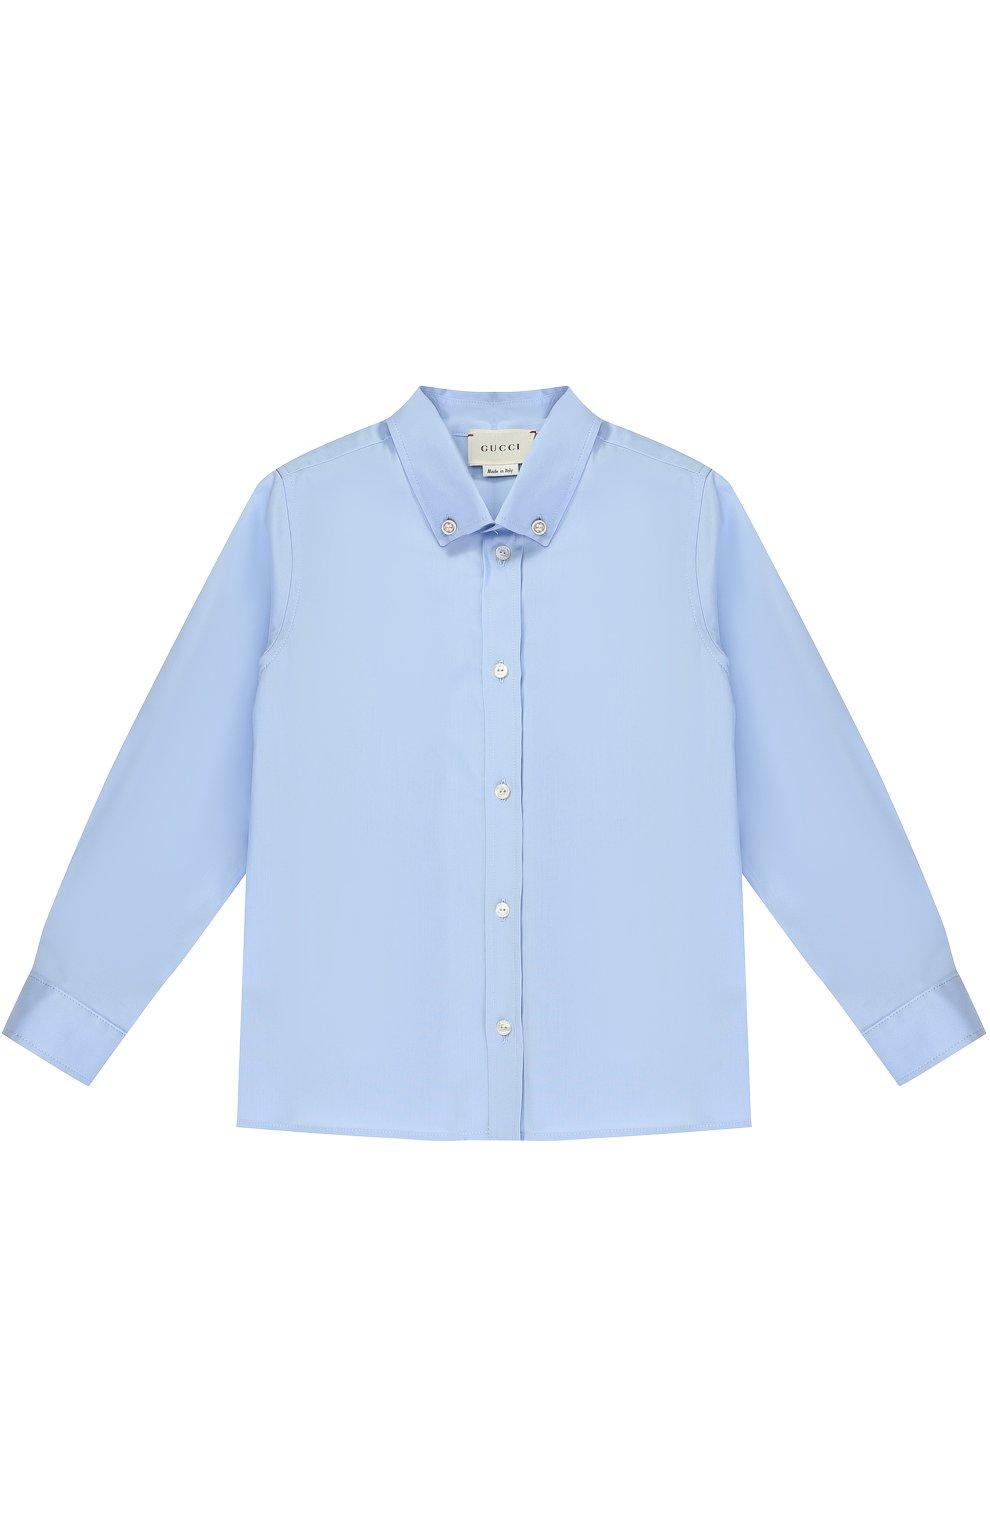 Детский хлопковая рубашка с воротником button down GUCCI голубого цвета, арт. 430284/XB365   Фото 1